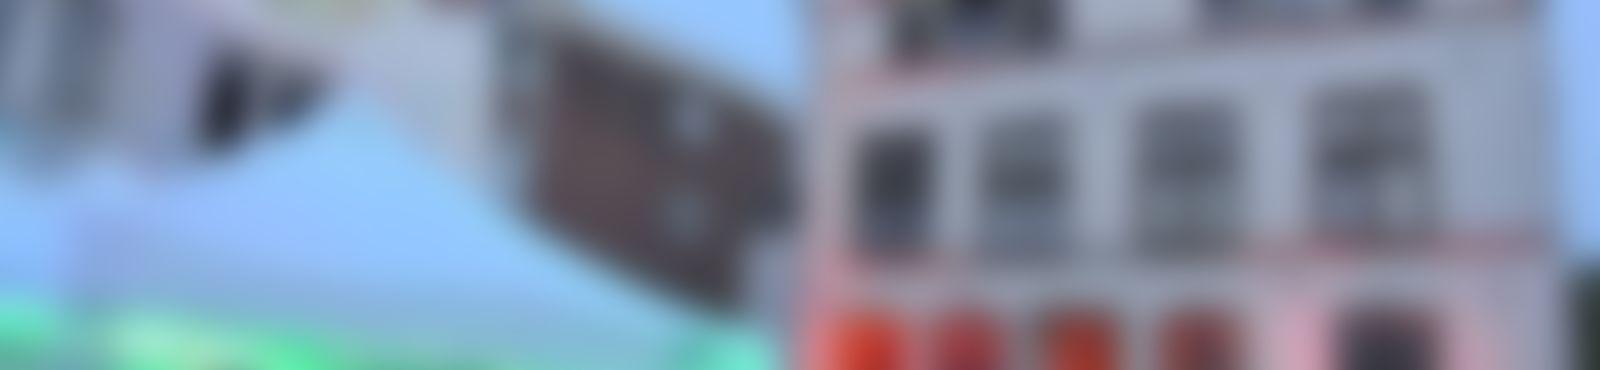 Blurred 14409668 1270932676290095 8189616387090479698 o